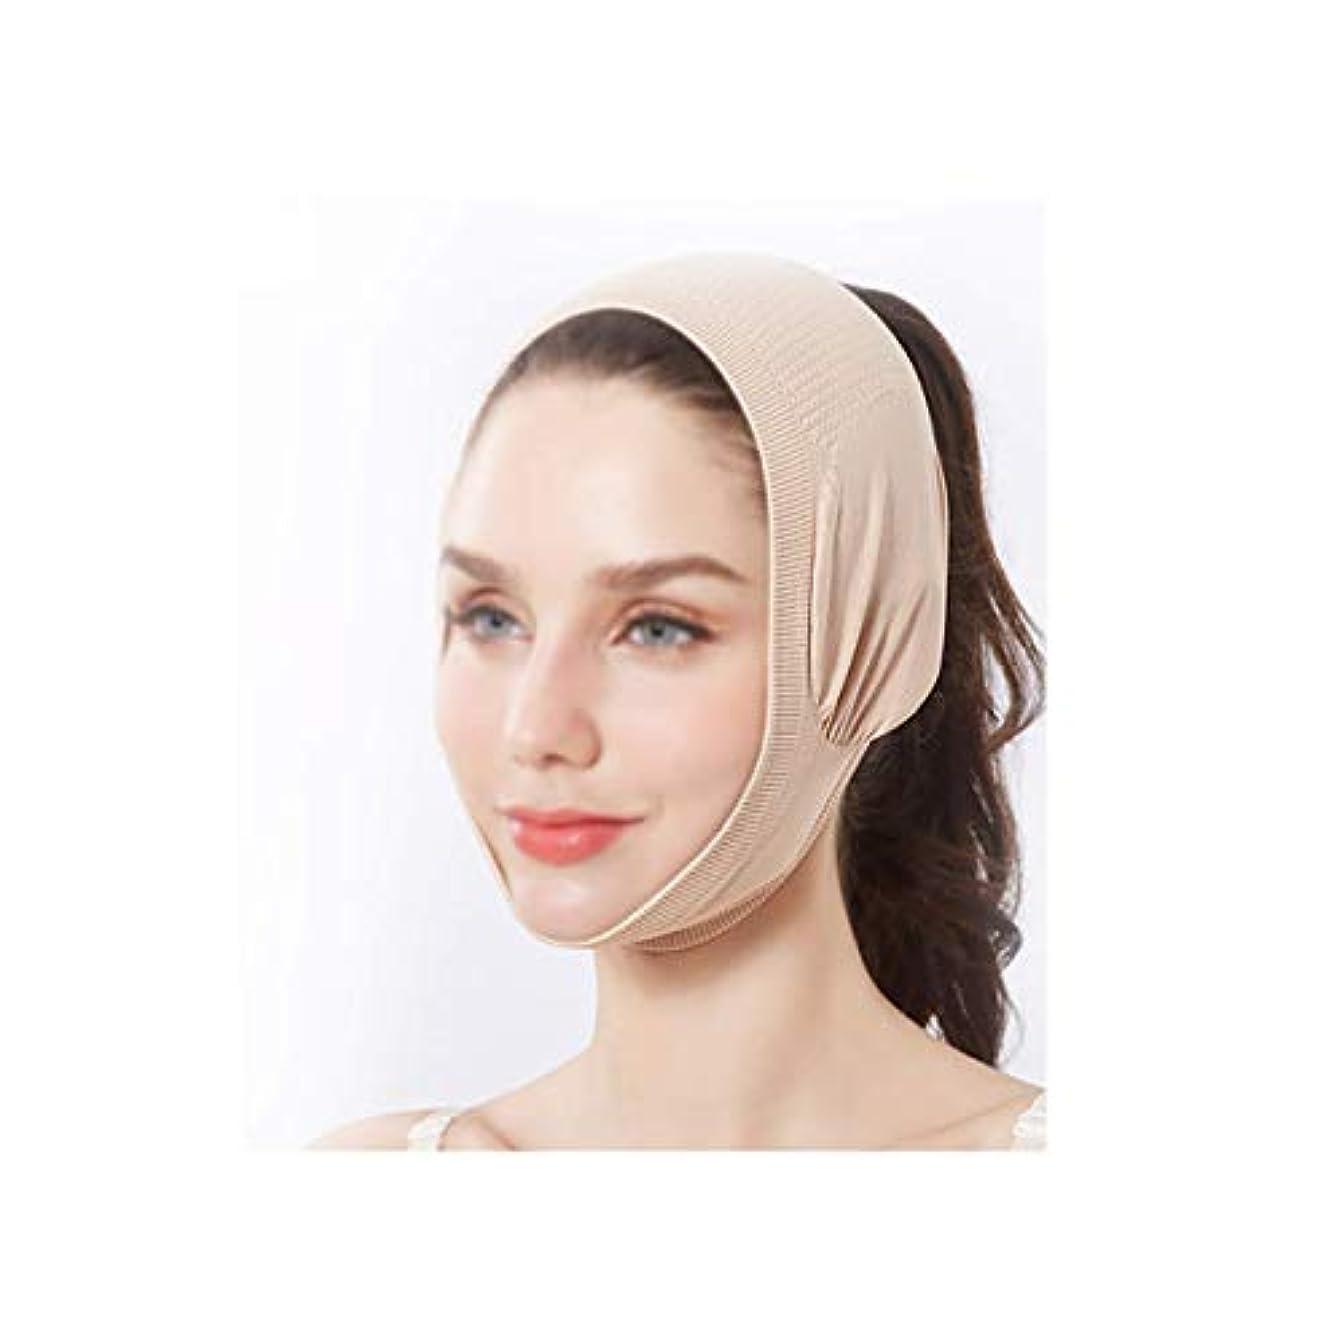 付録大通り衝突するフェイスリフトマスク、フェイシャルマスクエクステンション強度フェイスレス包帯バンディオンフェイスラージVラインカービングフェイスバックカバーネックストラップ(カラー:肌の色)